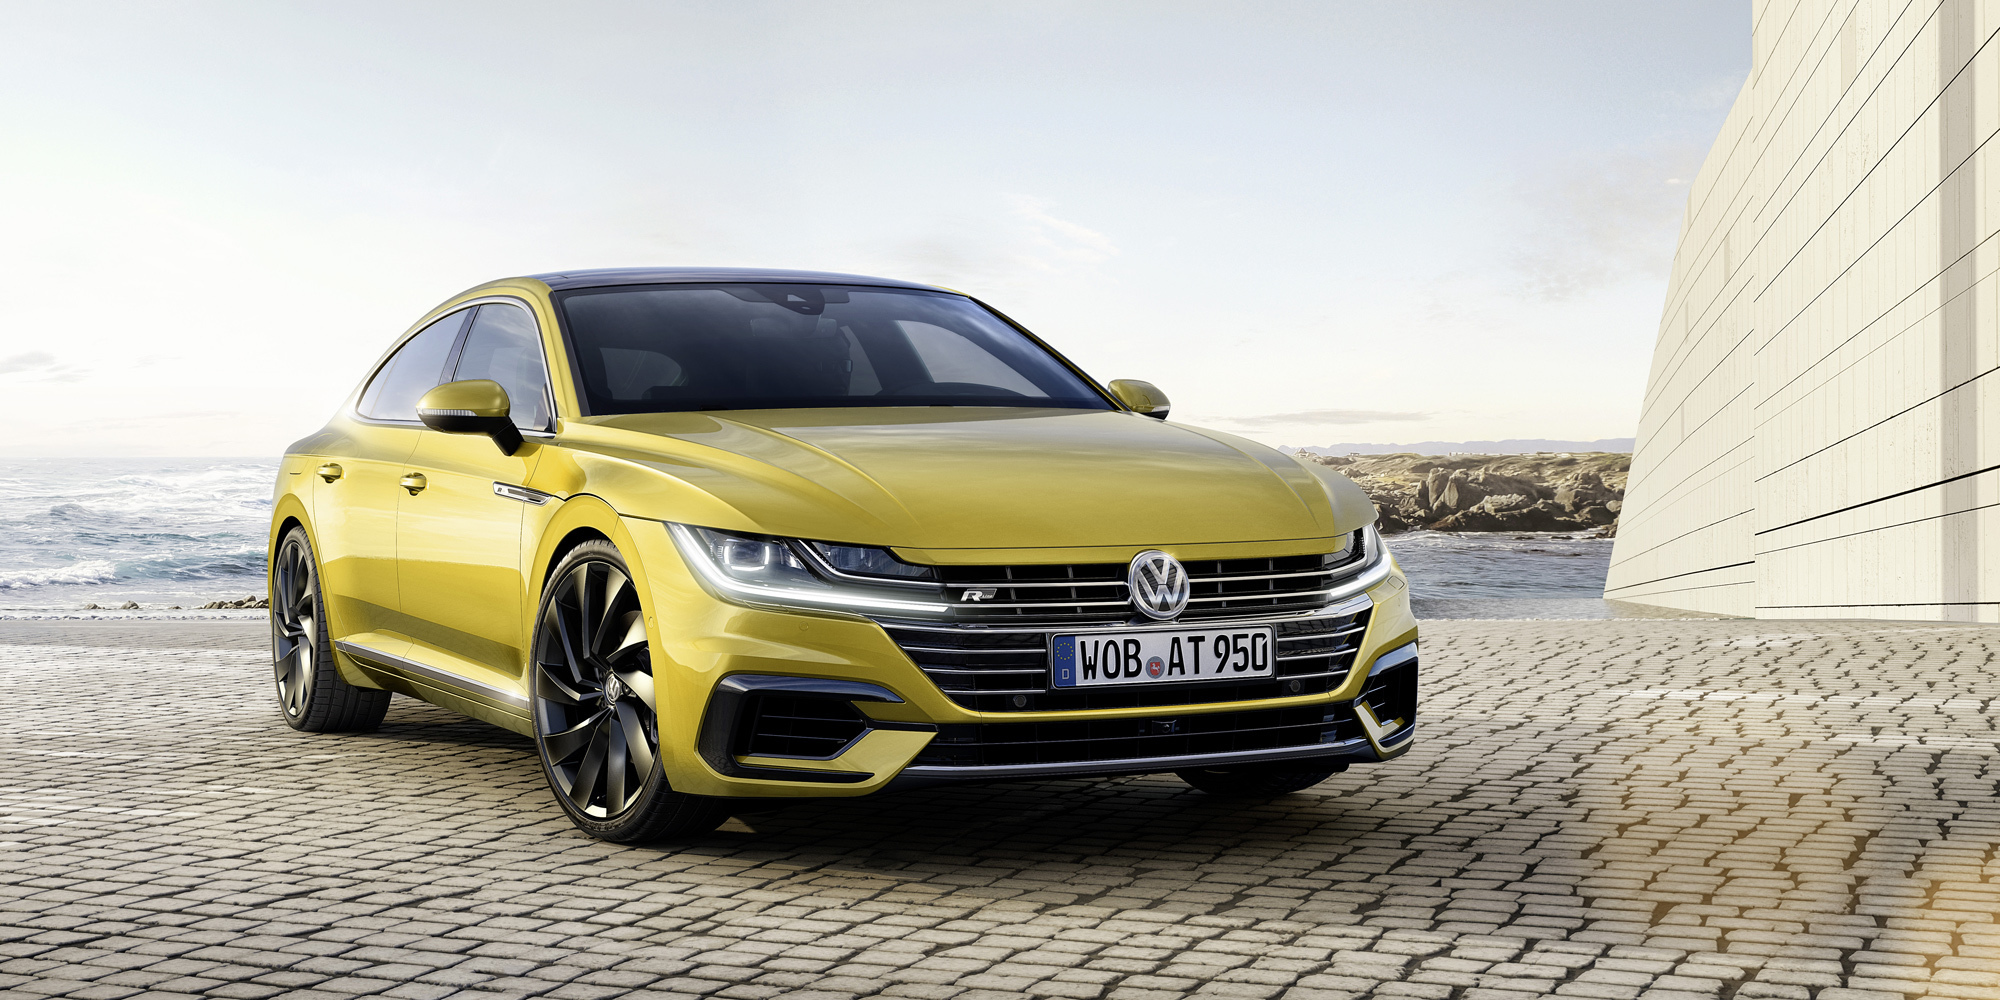 Volkswagen Arteon Wallpapers